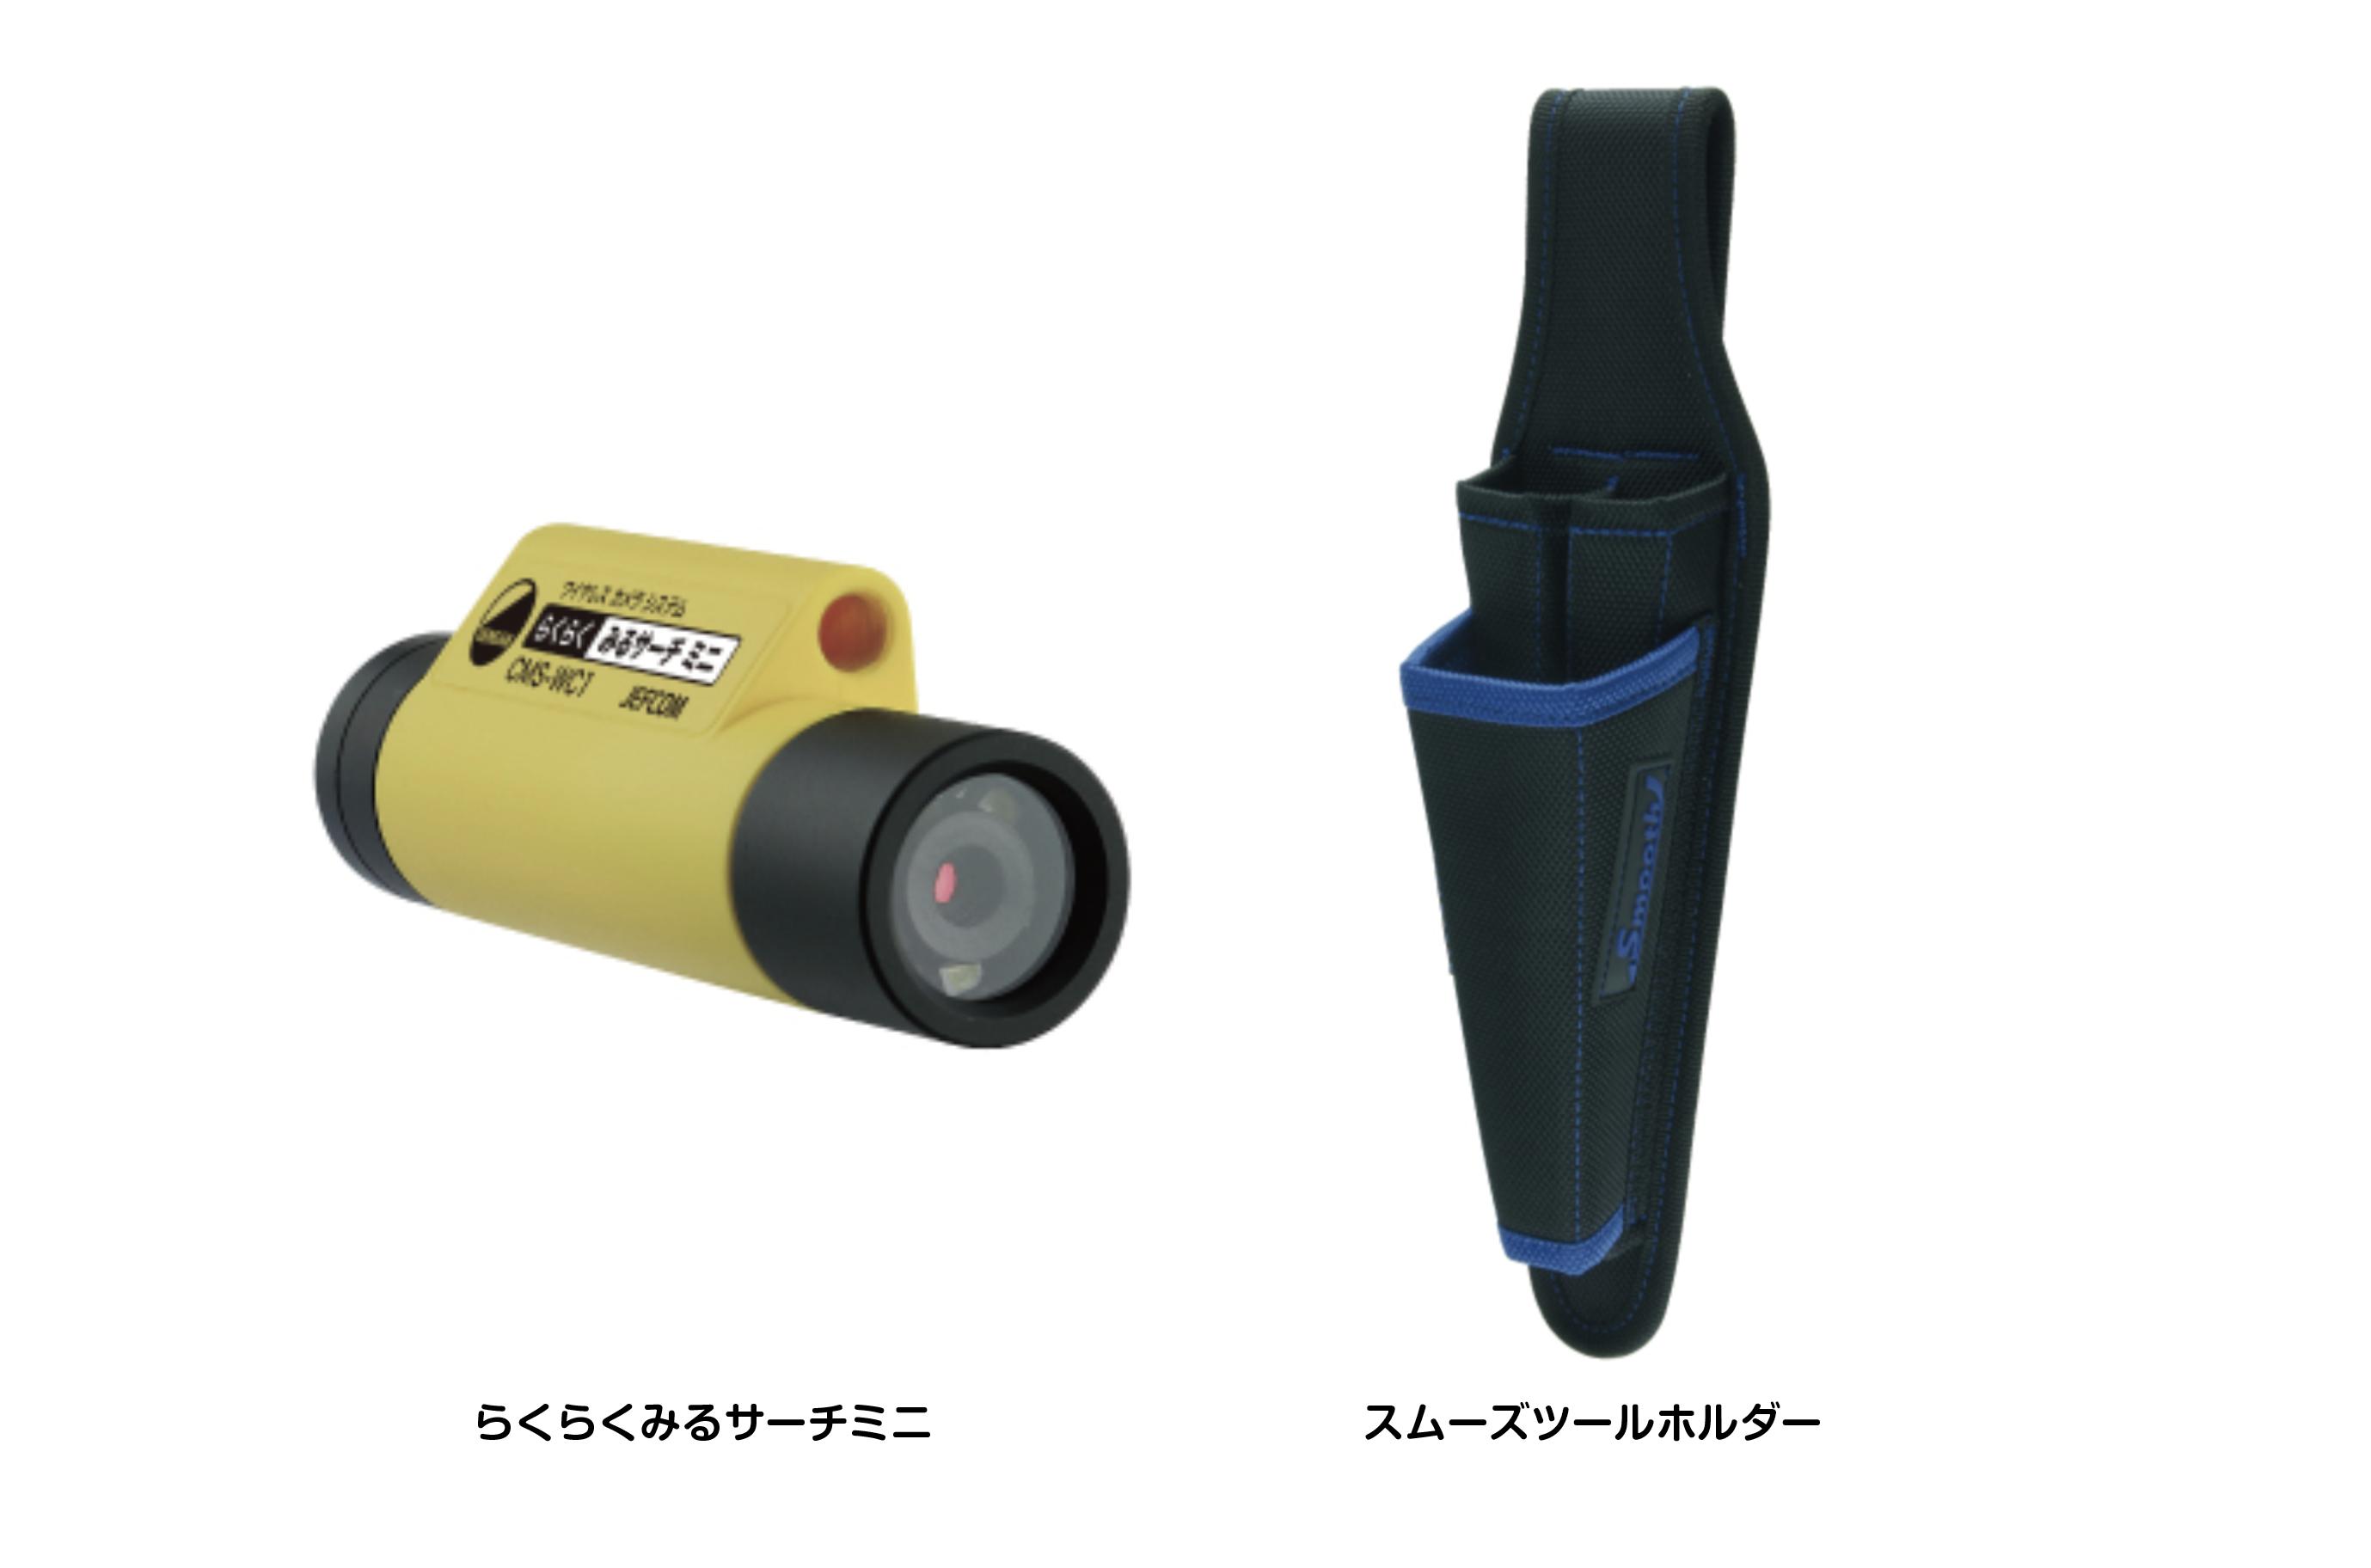 【ジェフコム】 カメラ探査器とスムーズツールホルダーが好評の画像